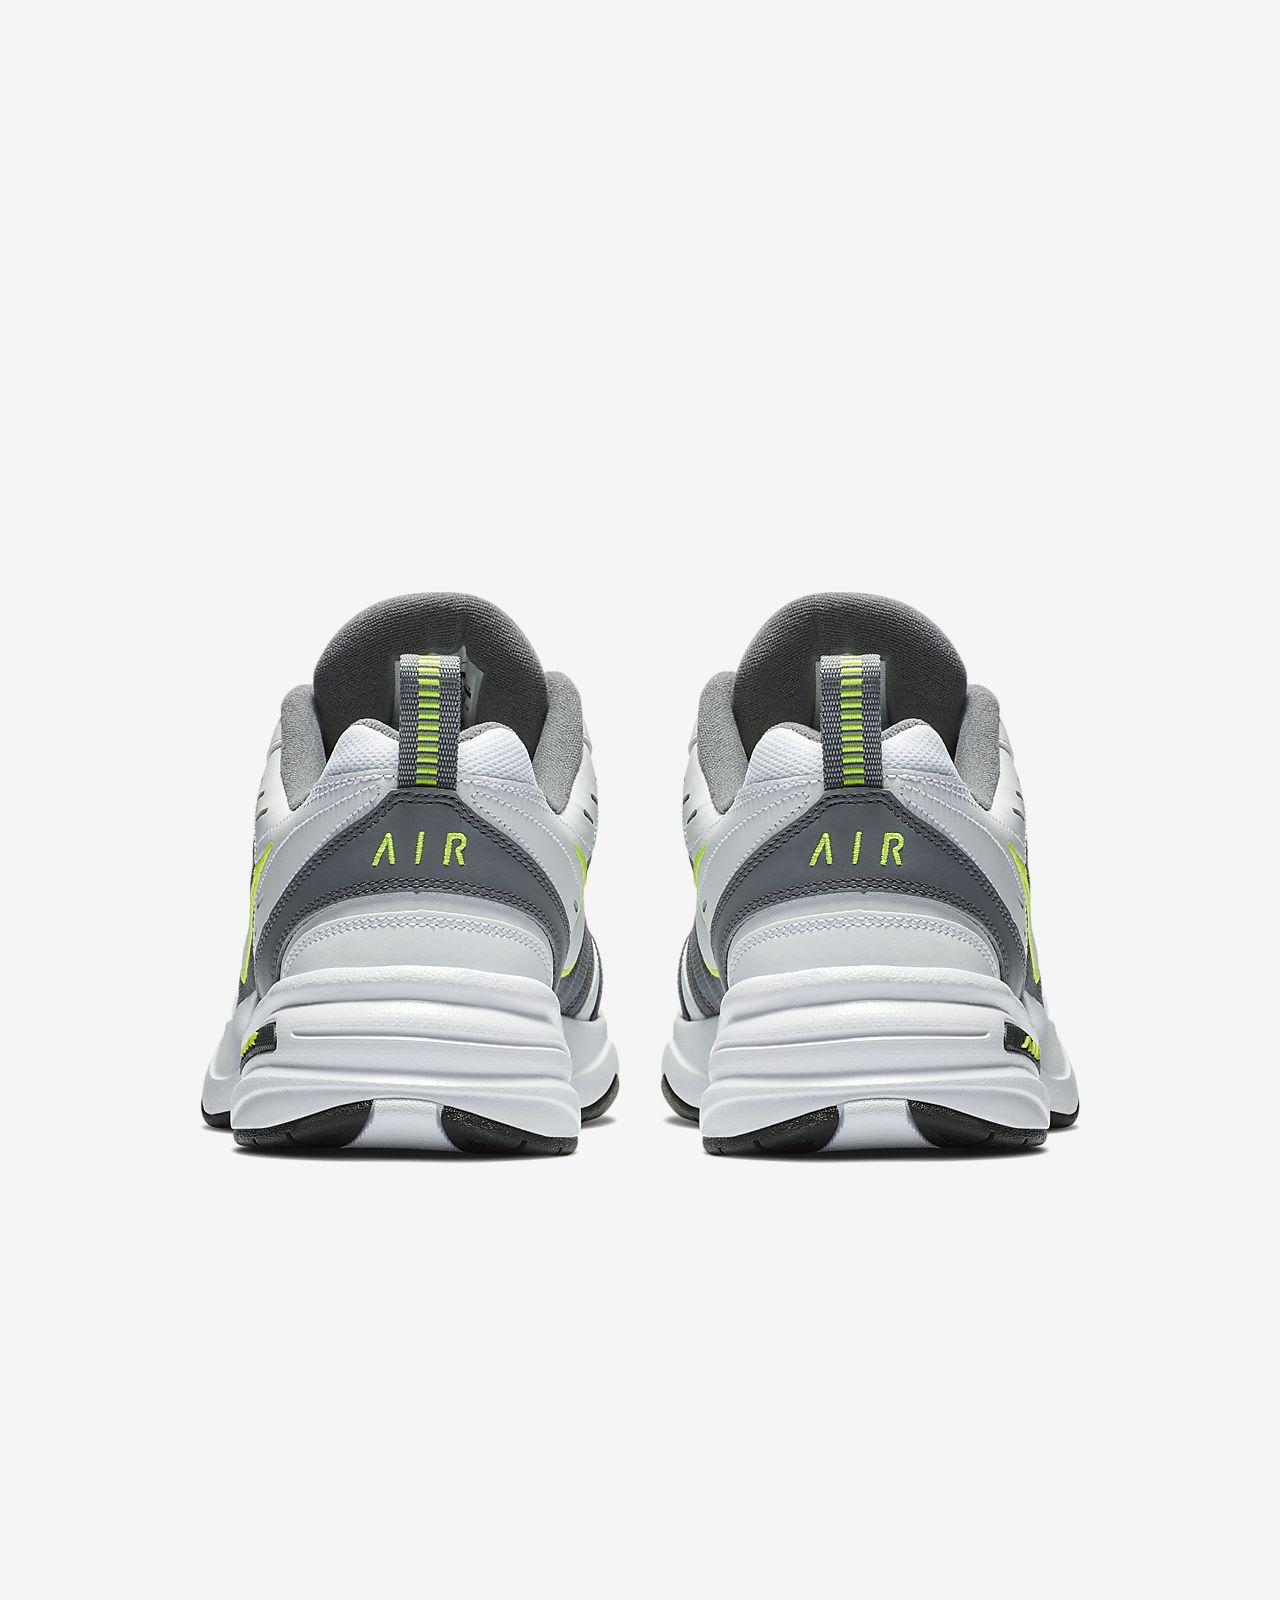 Fitness Lifestyle Nike Monarch Chaussure De Et IvCa Air qSzUMVGp